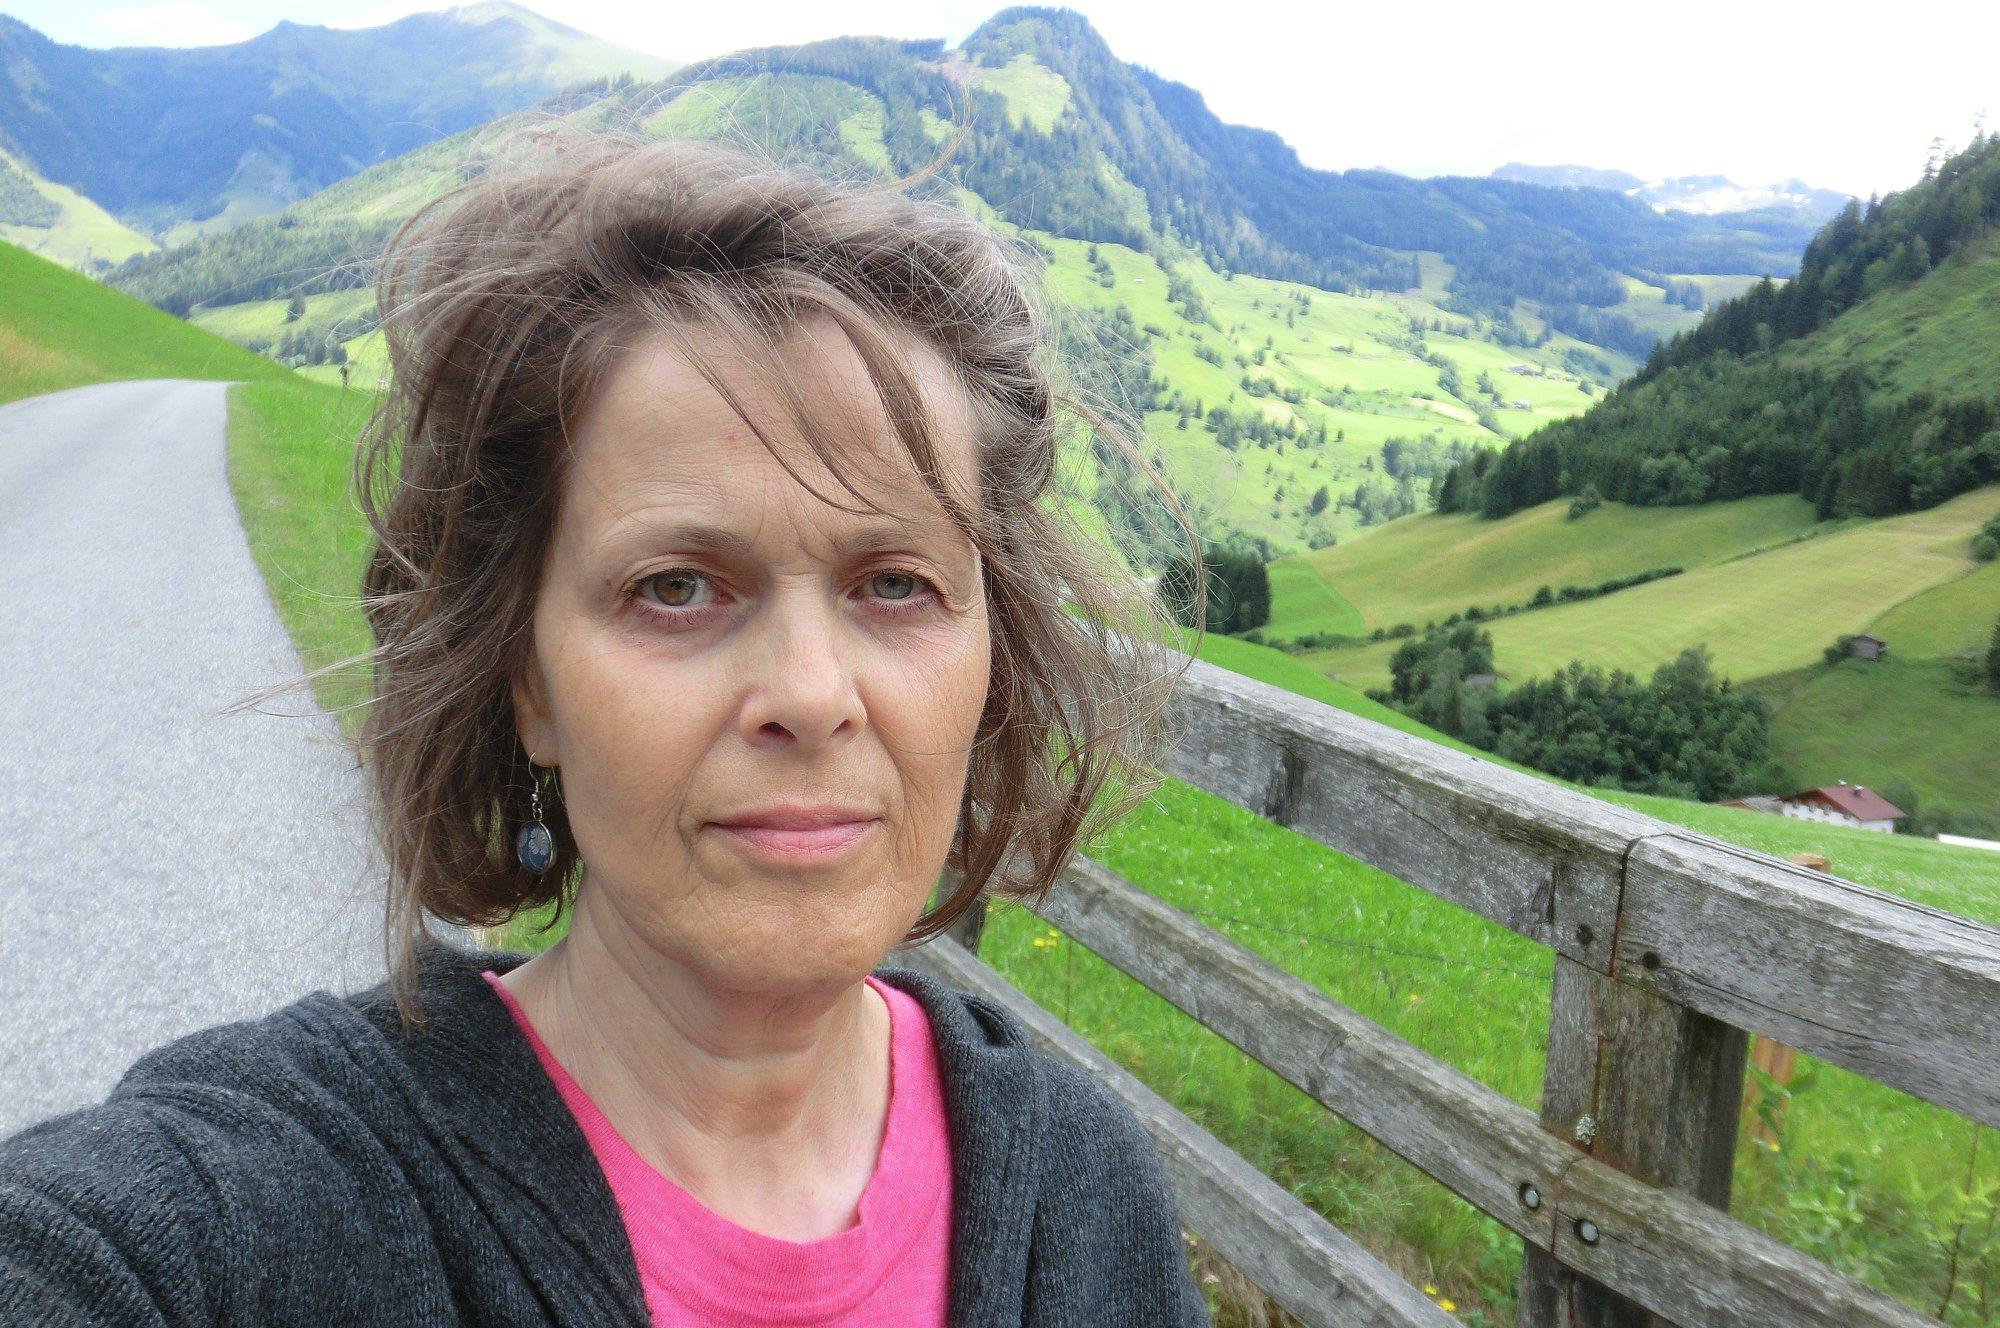 Susanne Rasser möchte den wertvollen Wissensschatz mit allen teilen